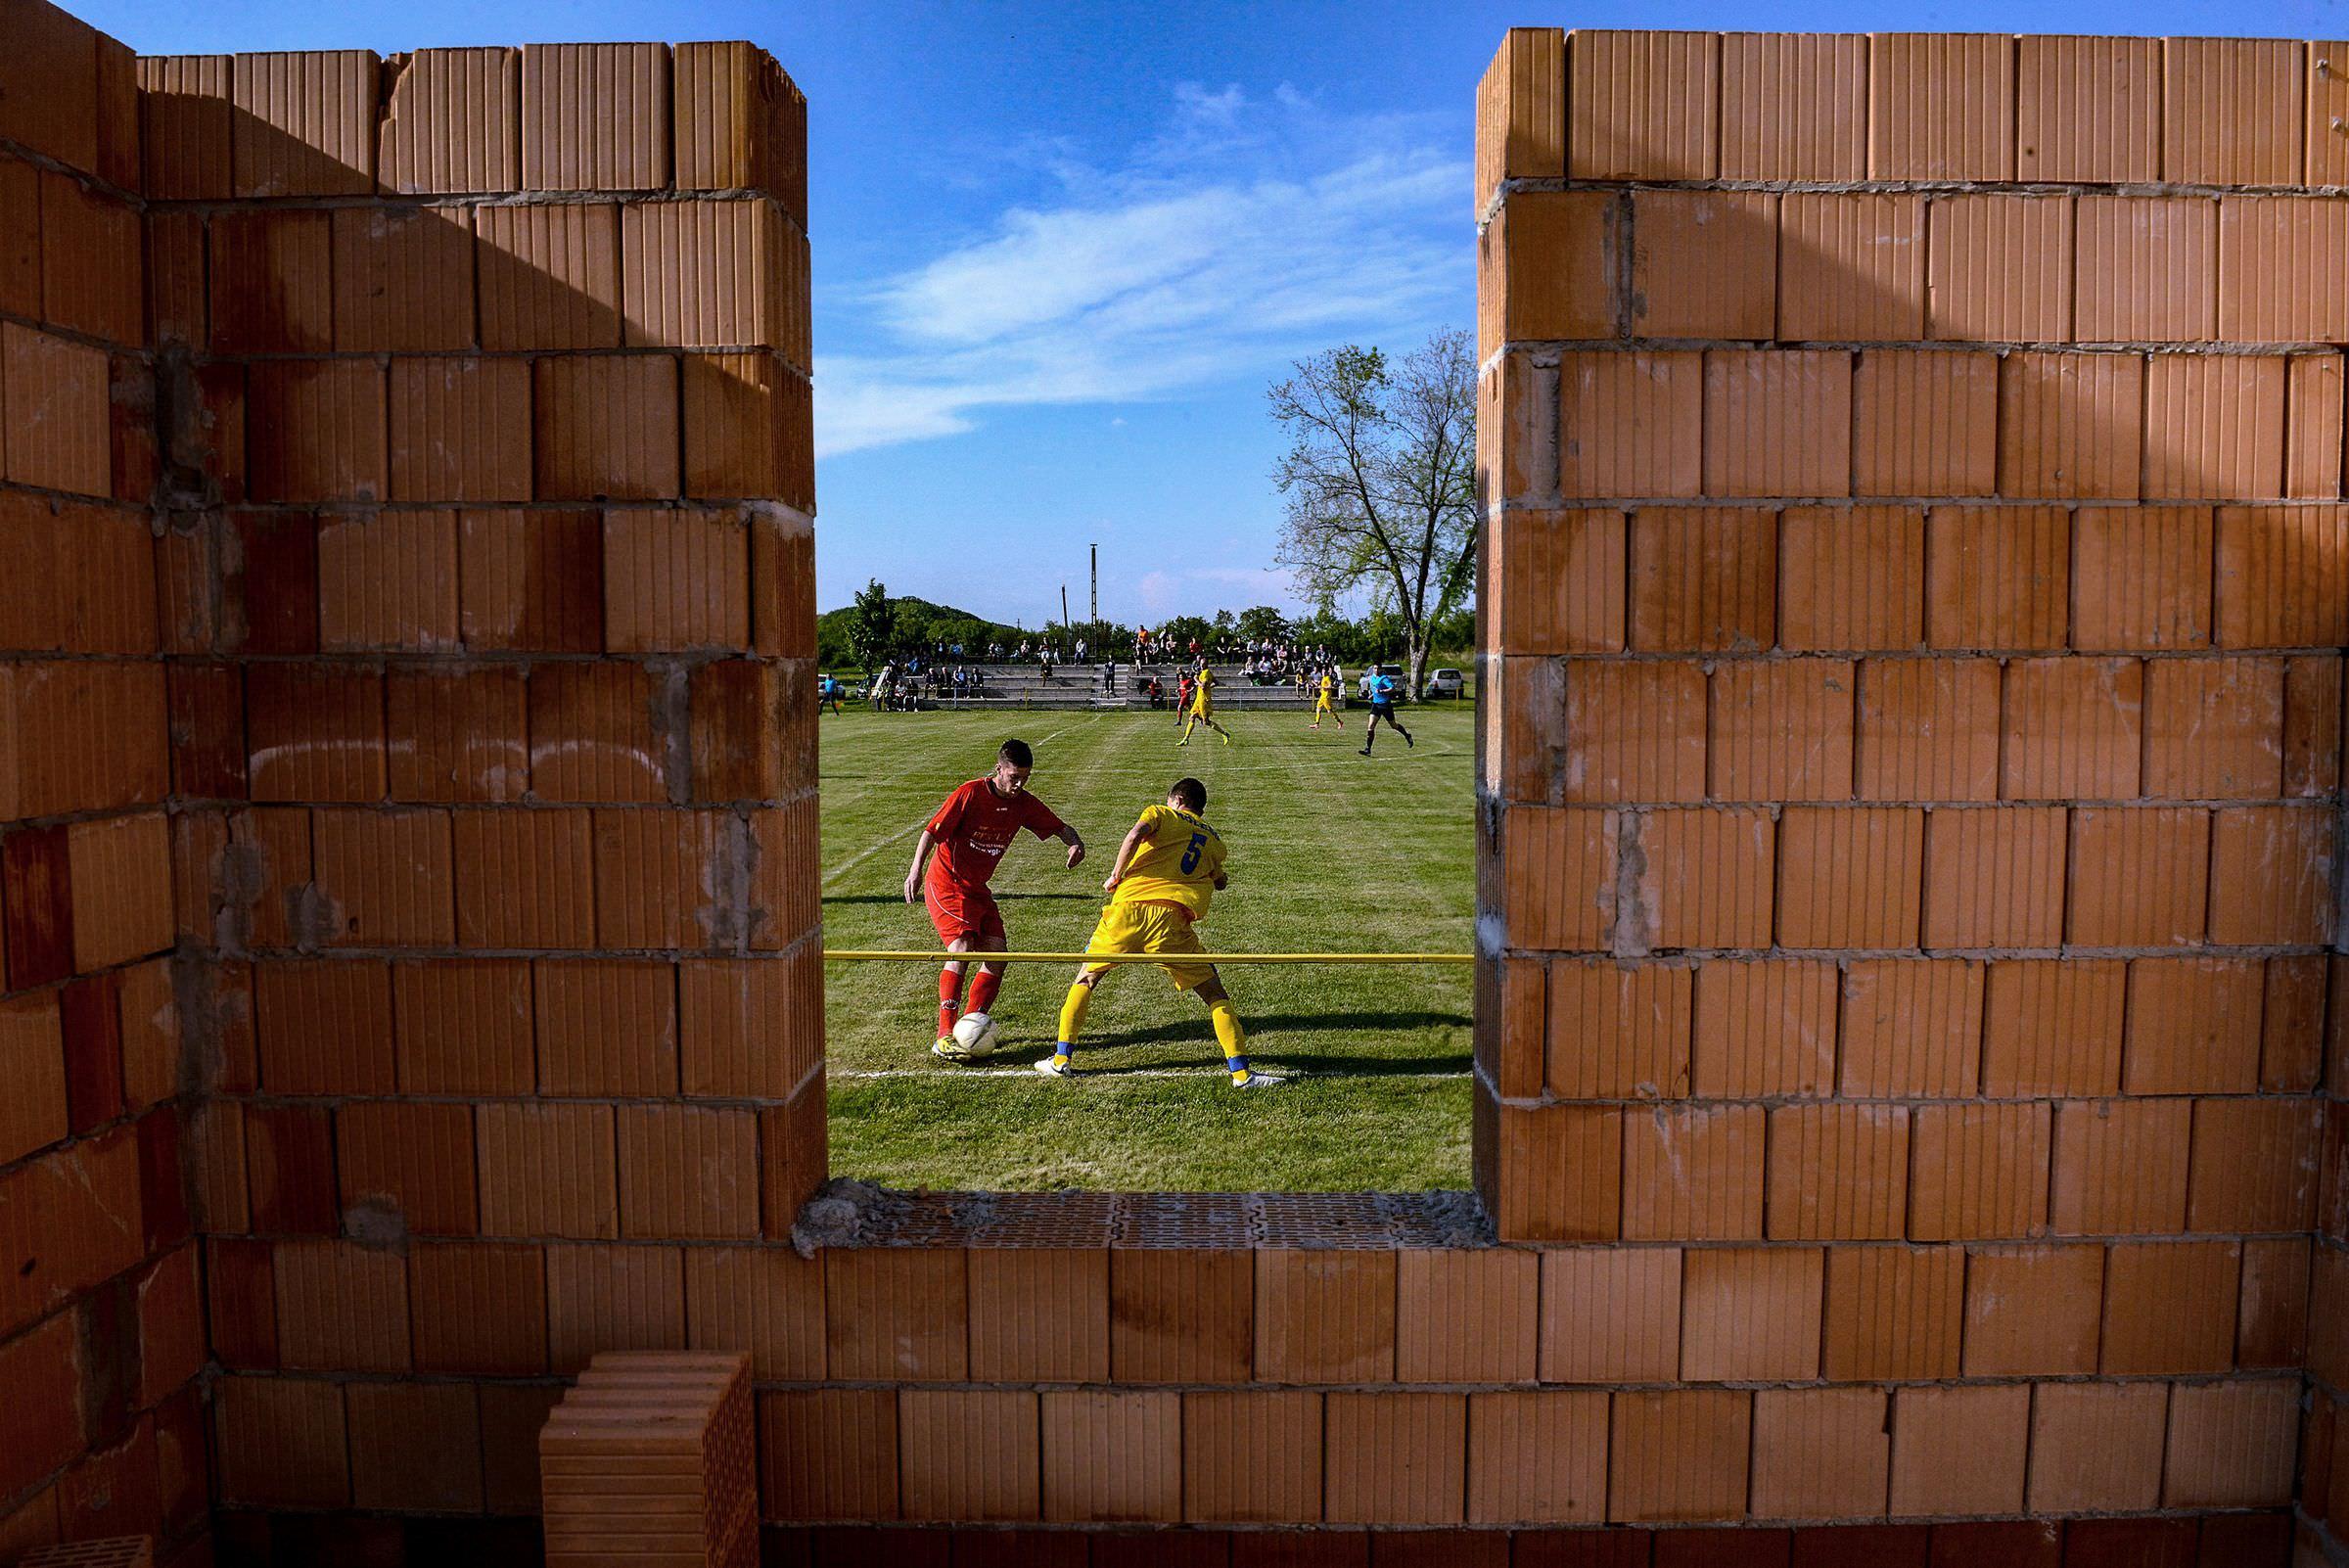 Martonfai Dénes: Részlet a Vidéki foci c. sorozatból